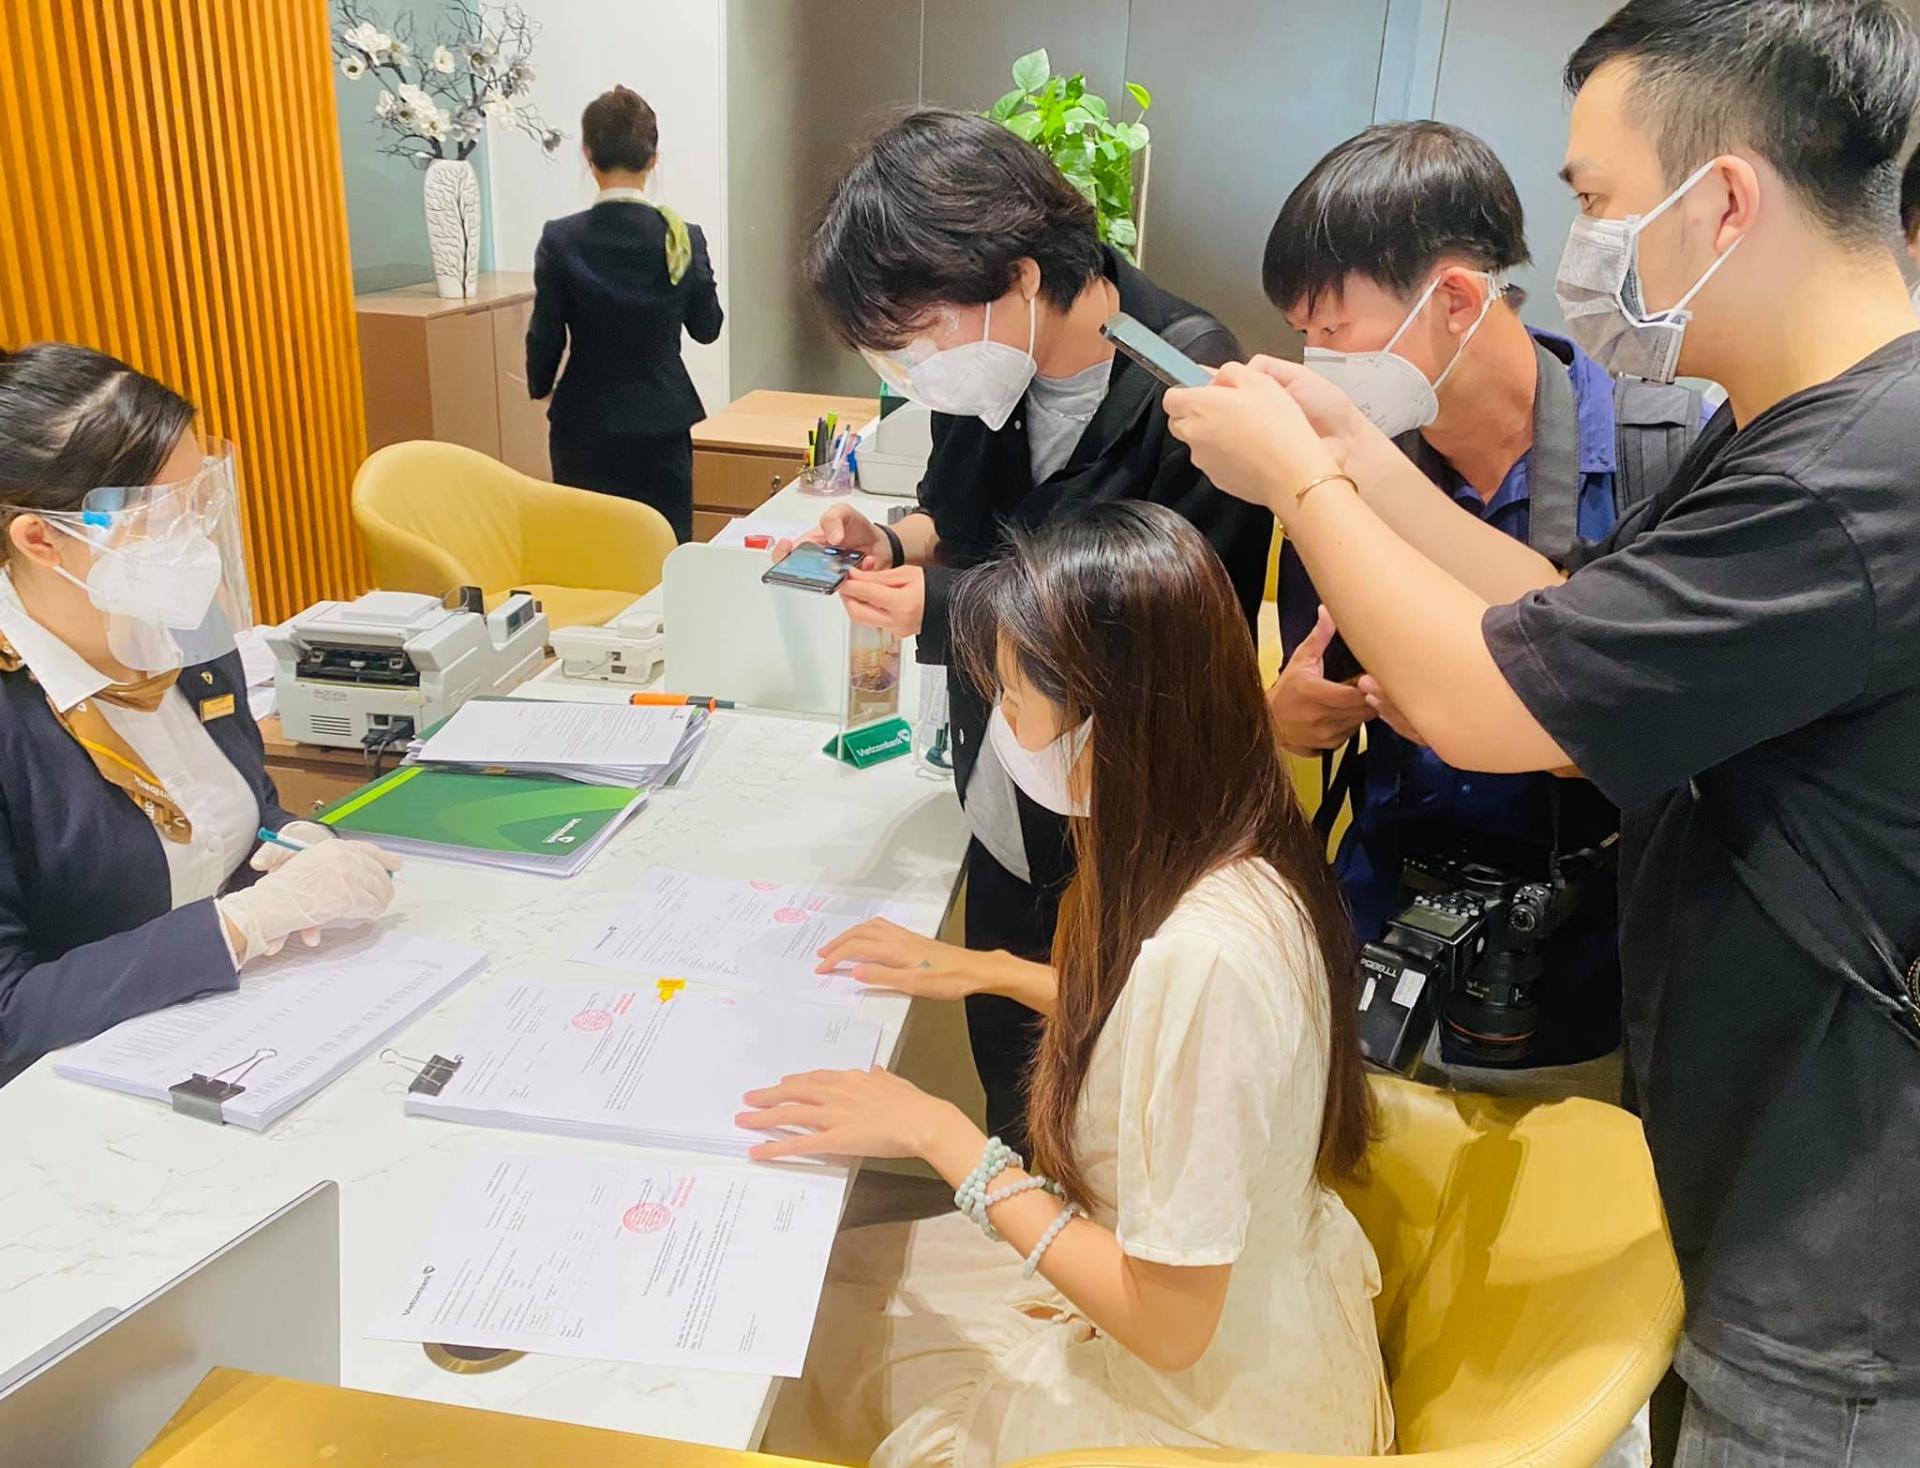 Thuỷ Tiên và Công Vinh livestream sao kê trực tiếp tại ngân hàng, đưa ra tuyên bố đanh thép 6